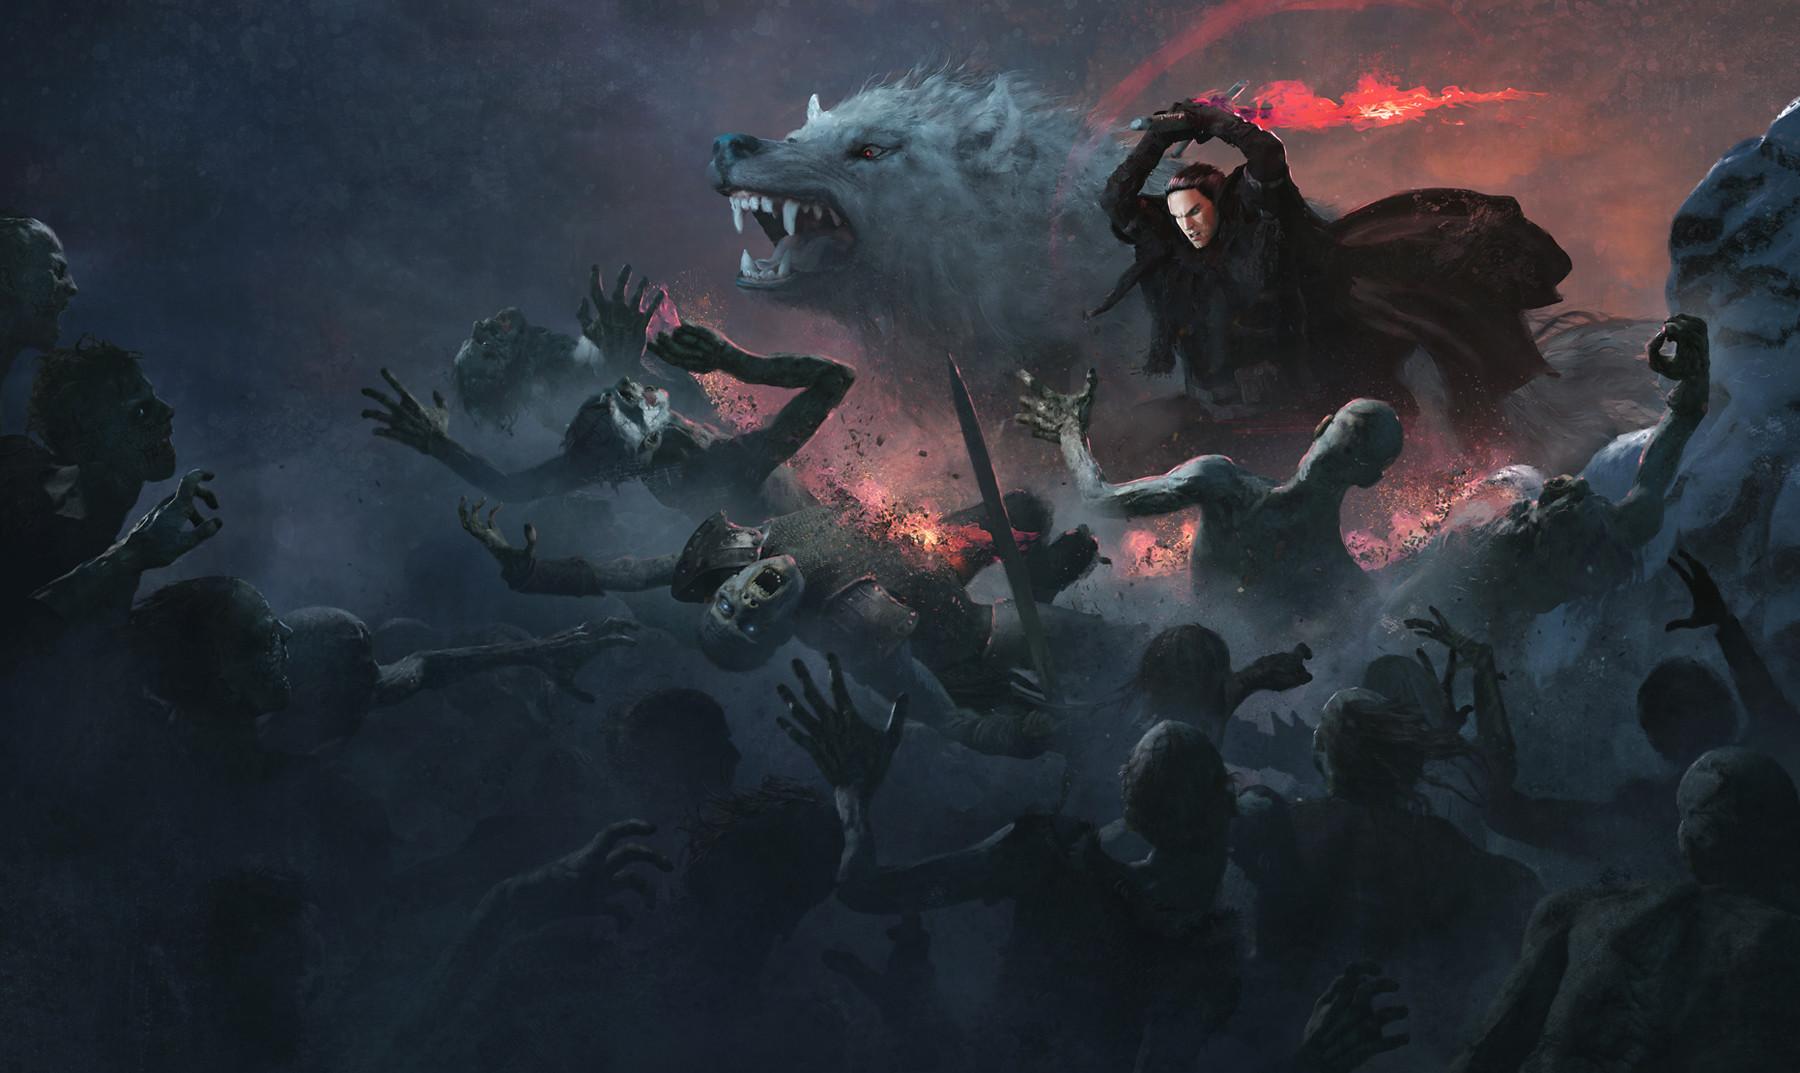 Jon Snow with Azor Ahai Sword